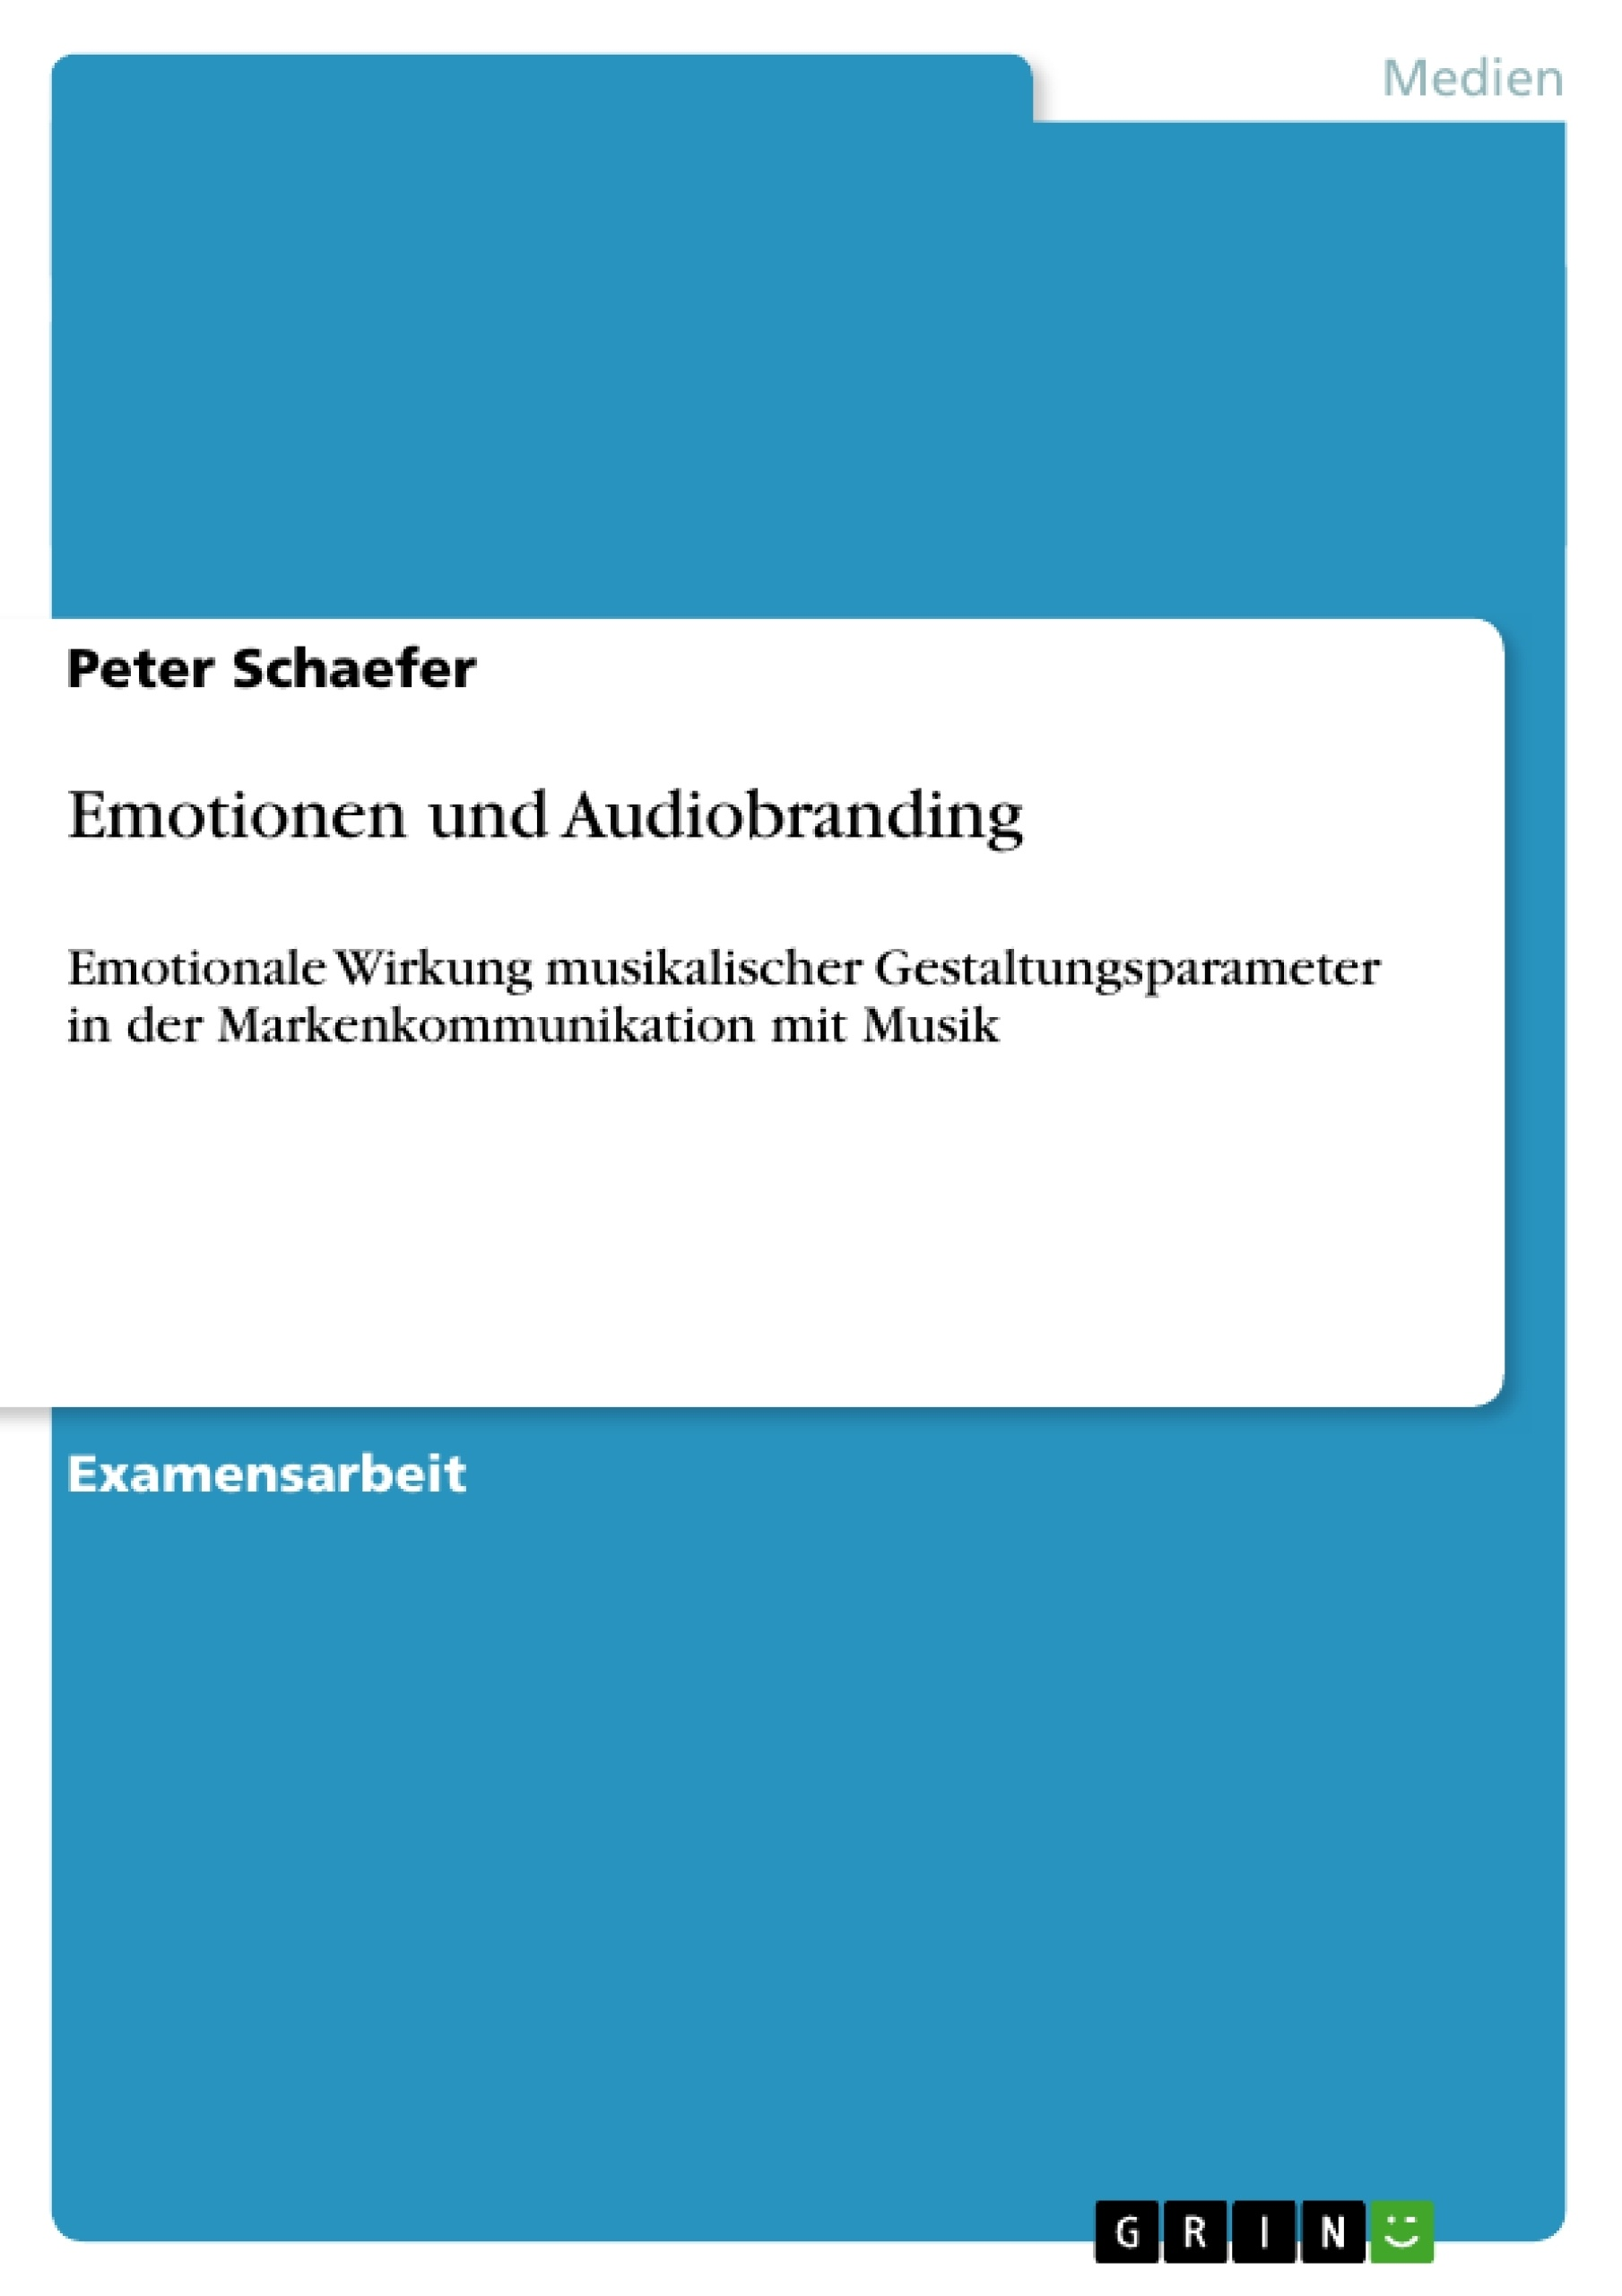 Titel: Emotionen und Audiobranding